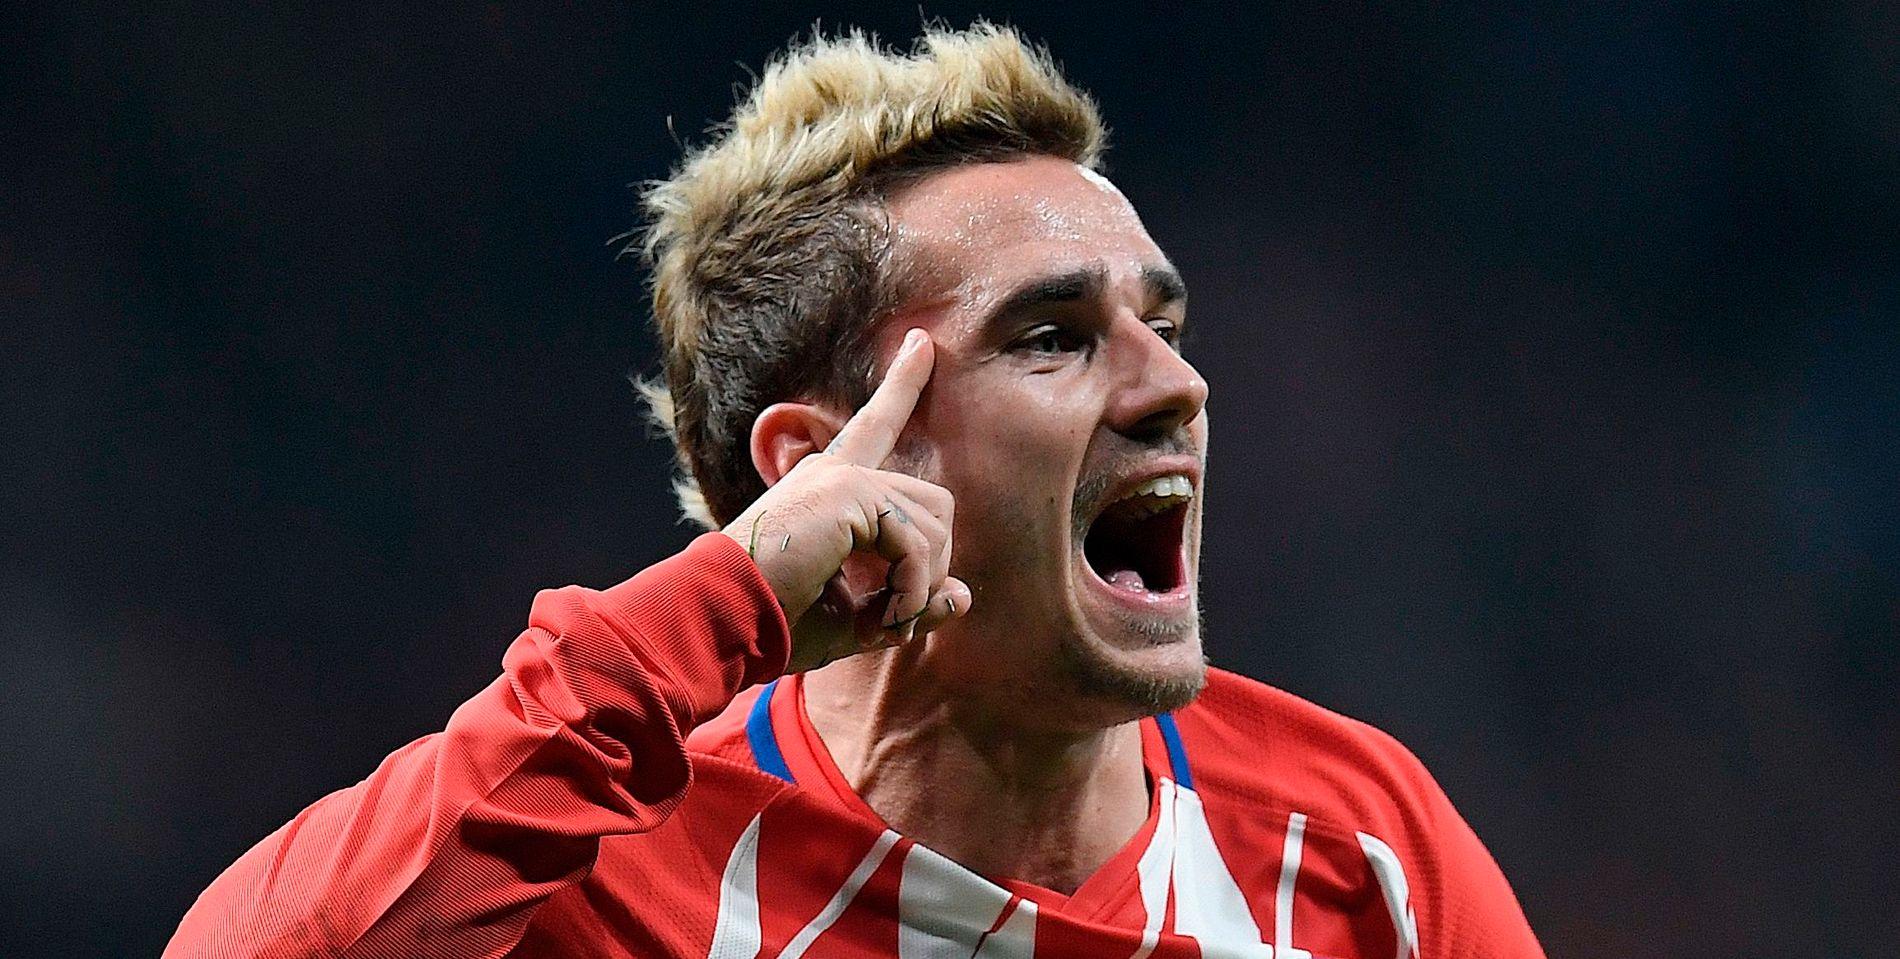 ETTERTRAKTET: Antoine Griezmann jubler etter å ha gitt Atlético Madrid ledelsen i hjemmekampen mot Roma for to uker siden. Noe senere gjorde Griezmann forarbeidet til spanjolenes andre scoring. Madrid-klubben vant kampen 2-0.